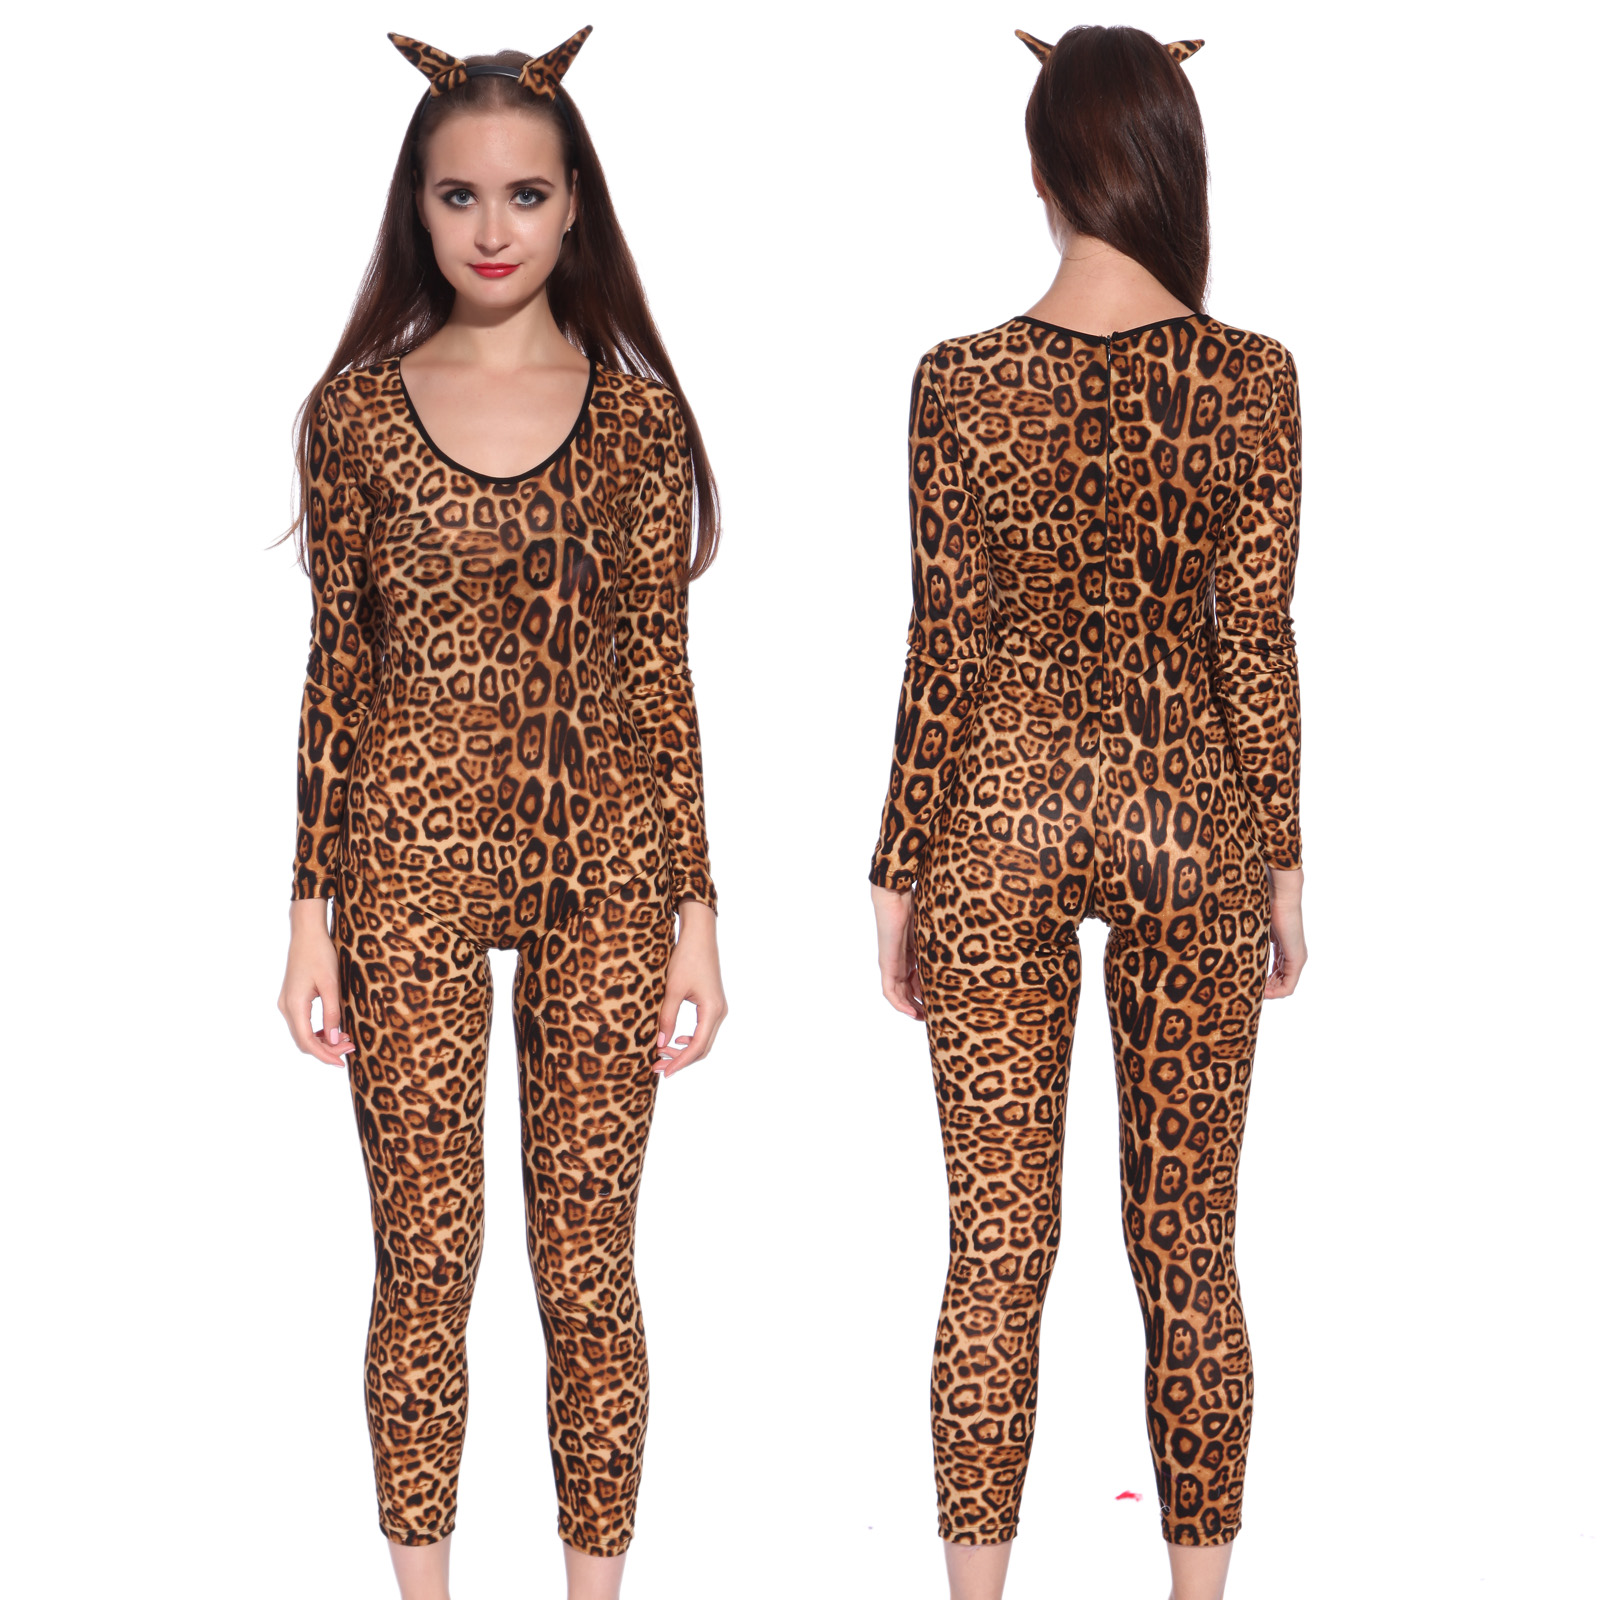 damen tier tierdruck zebra leopard soldatin armee. Black Bedroom Furniture Sets. Home Design Ideas